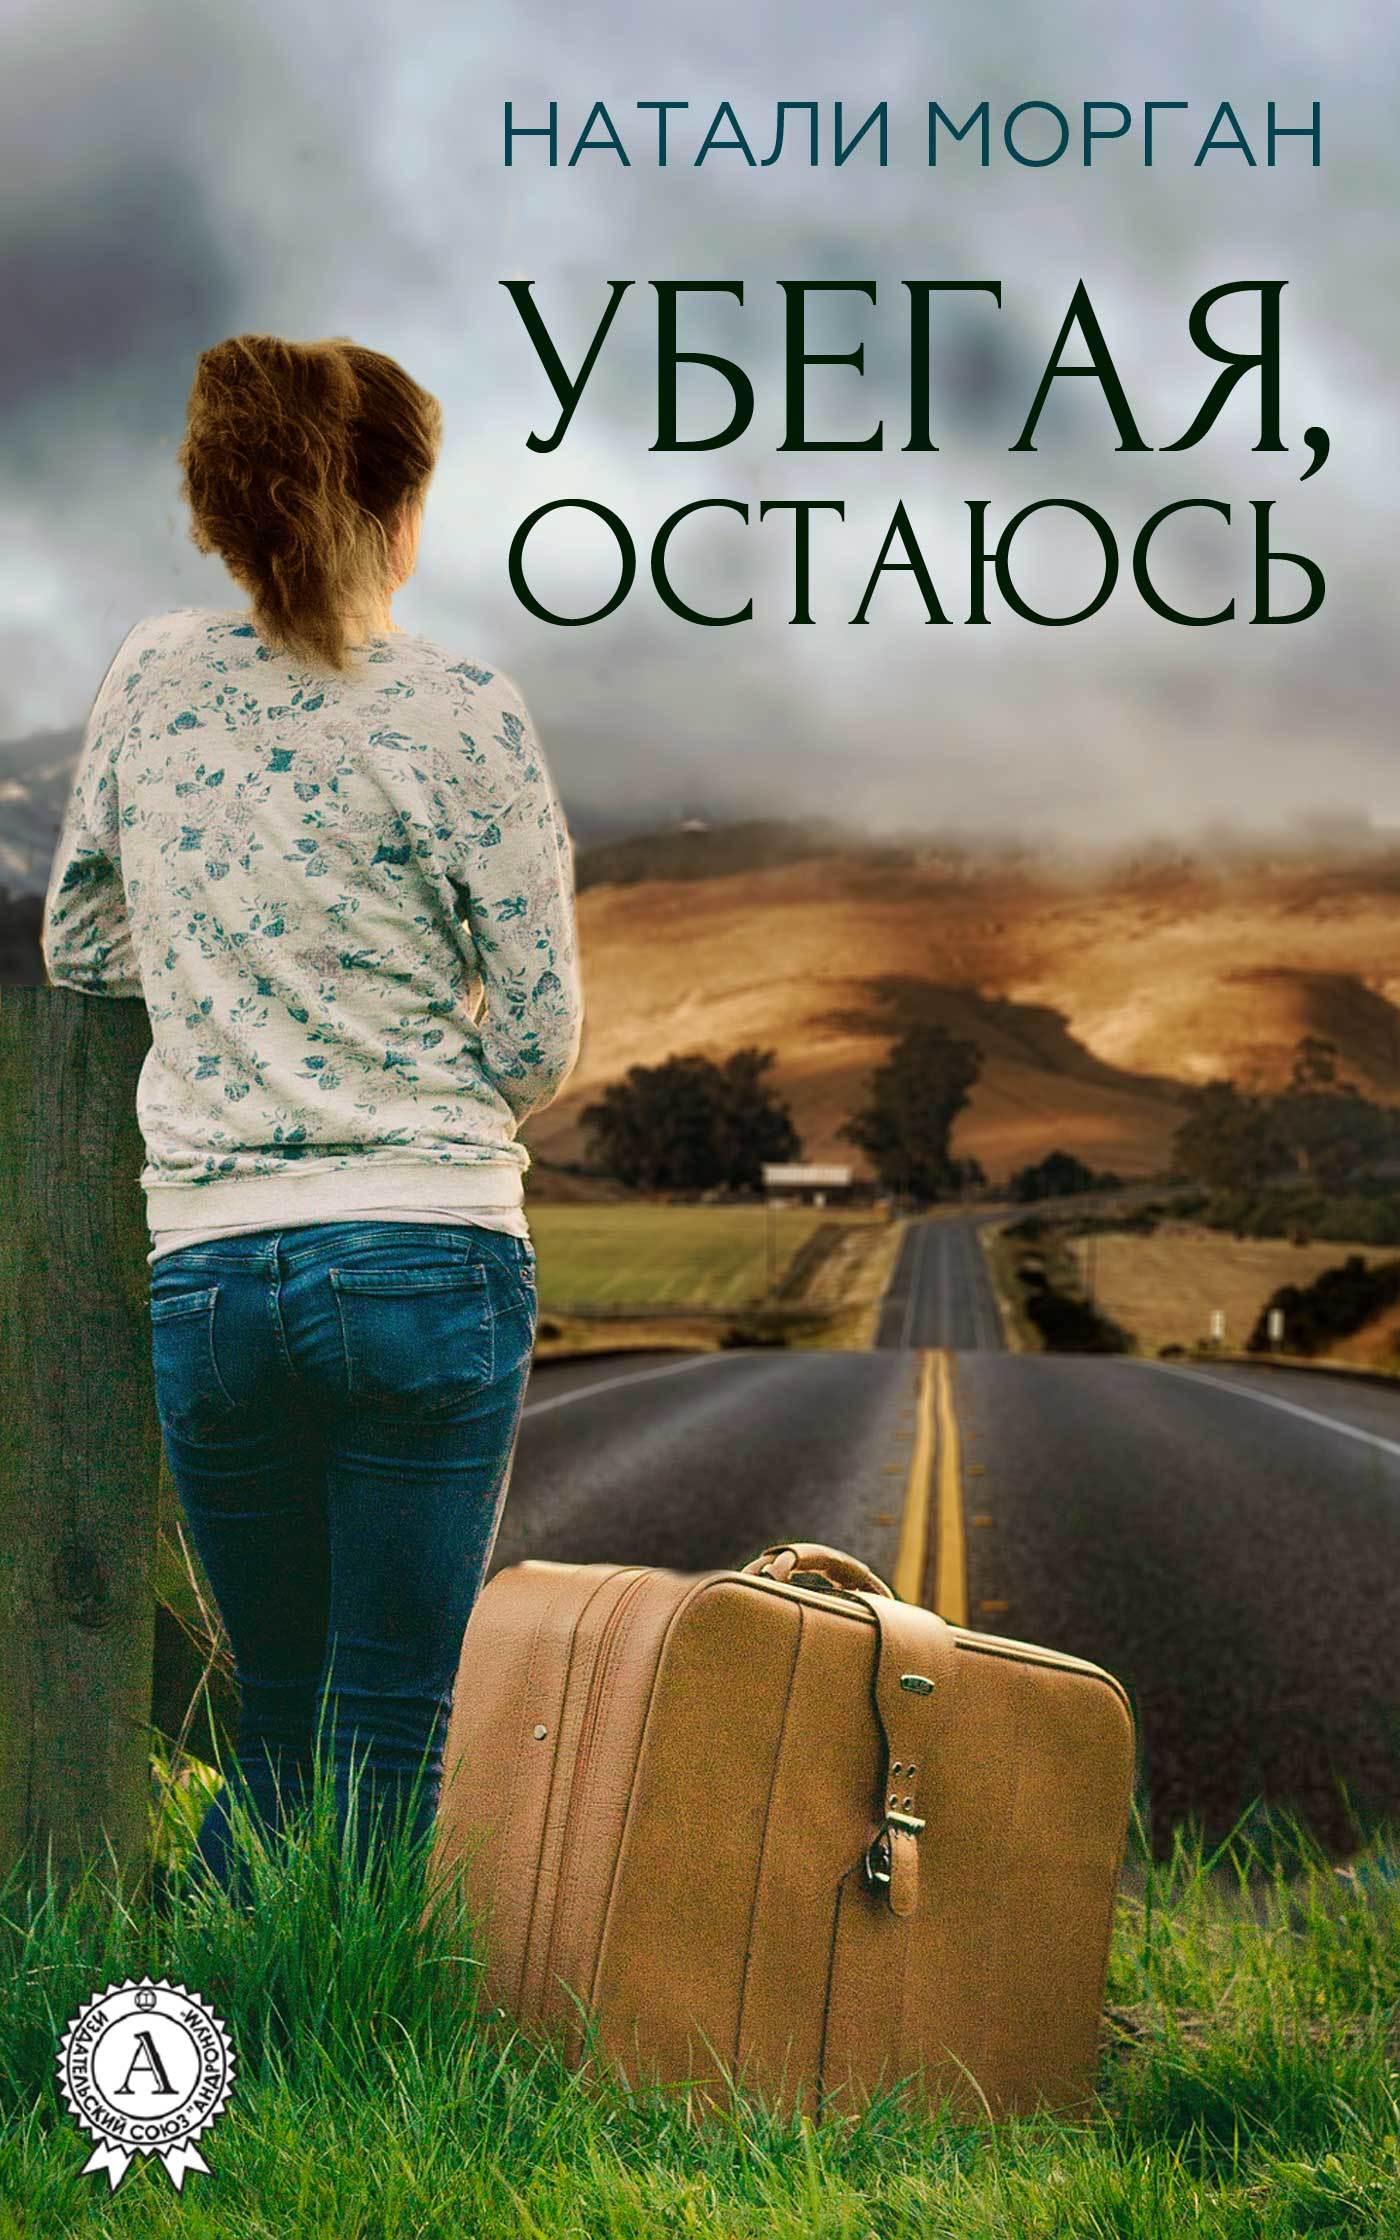 захватывающий сюжет в книге Натали Морган